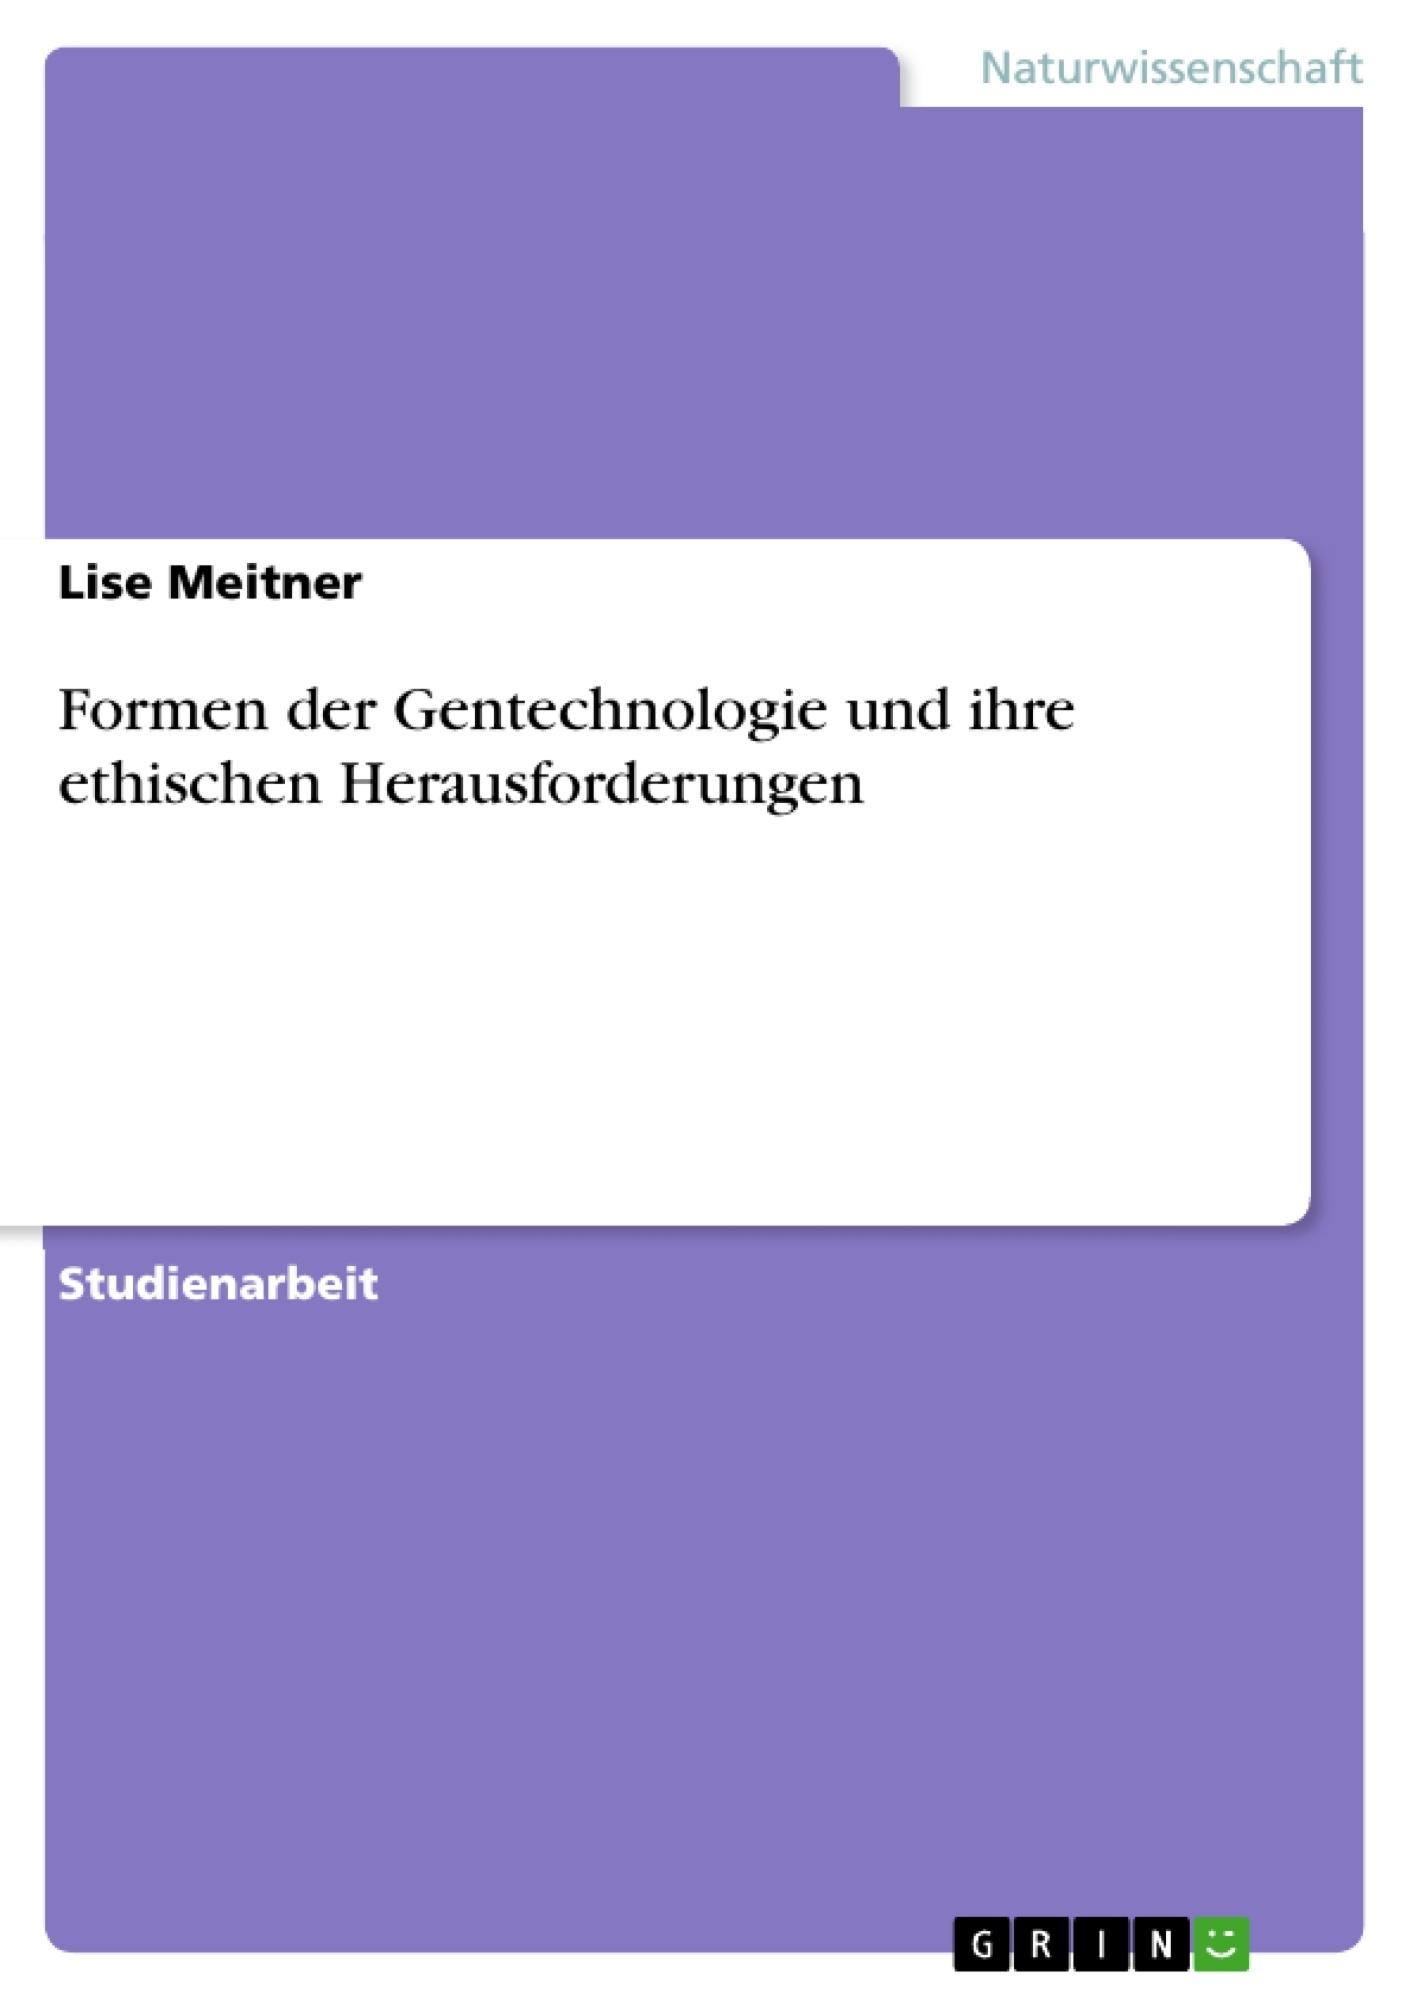 Titel: Formen der Gentechnologie und ihre ethischen Herausforderungen